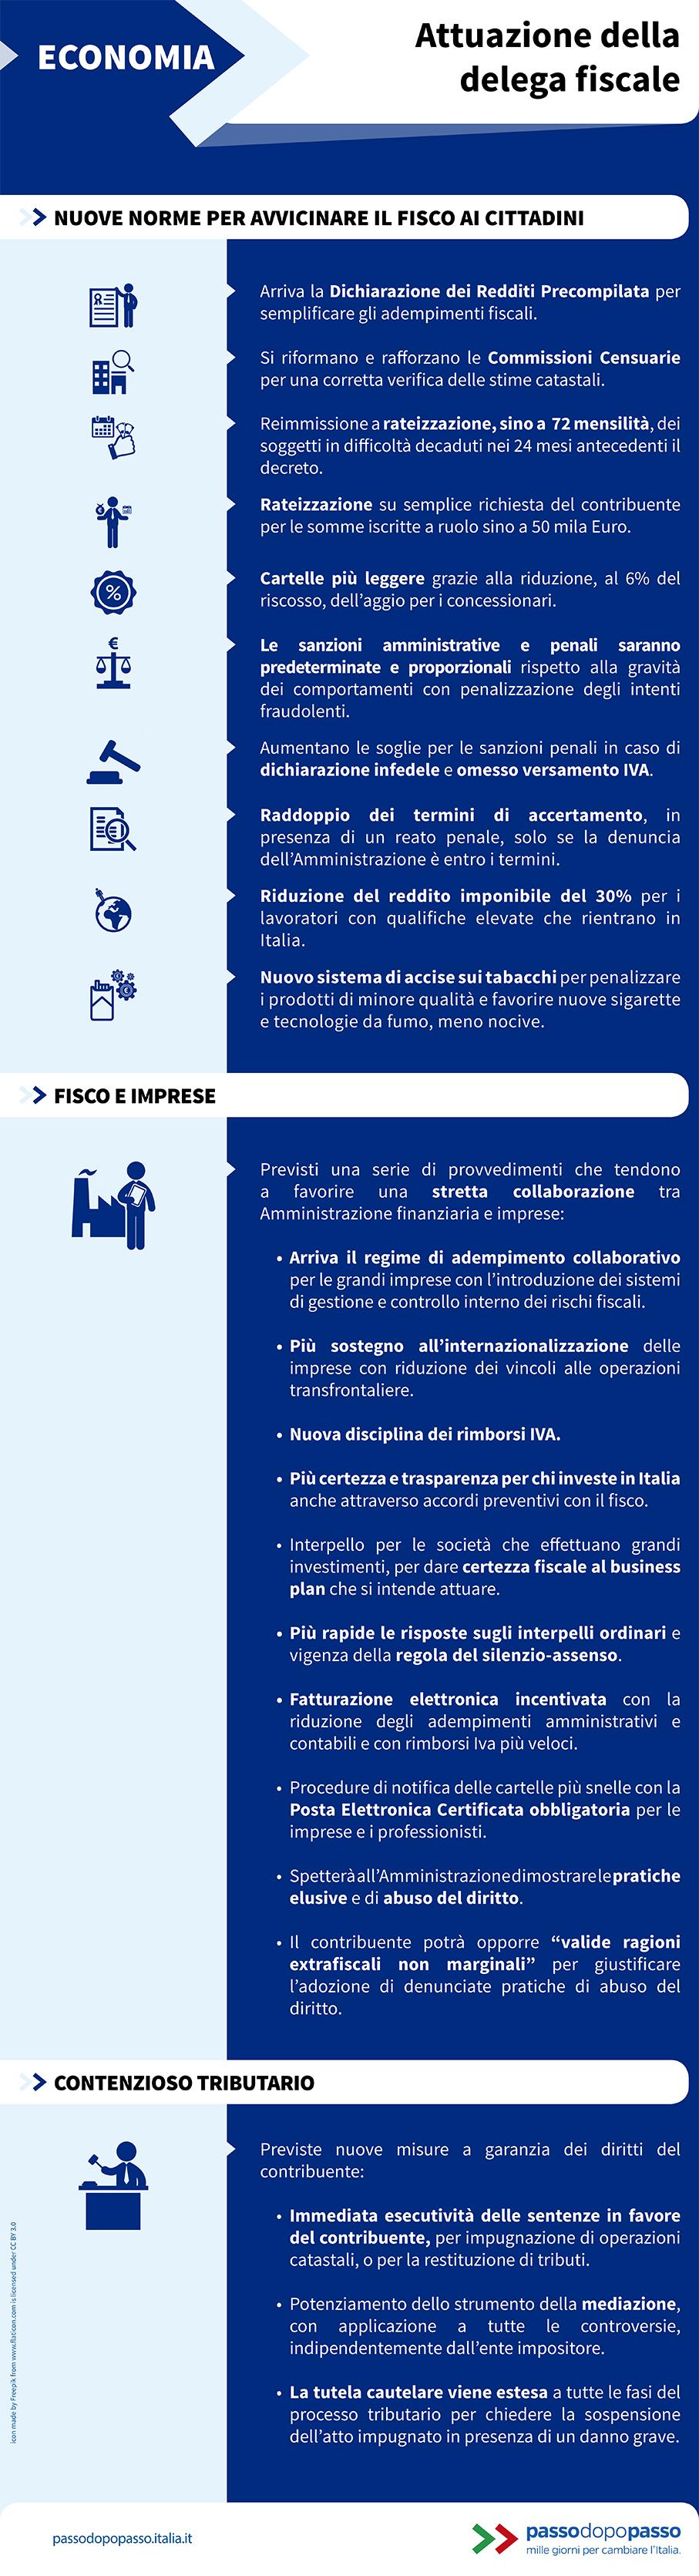 Infografica: Attuazione della delega fiscale